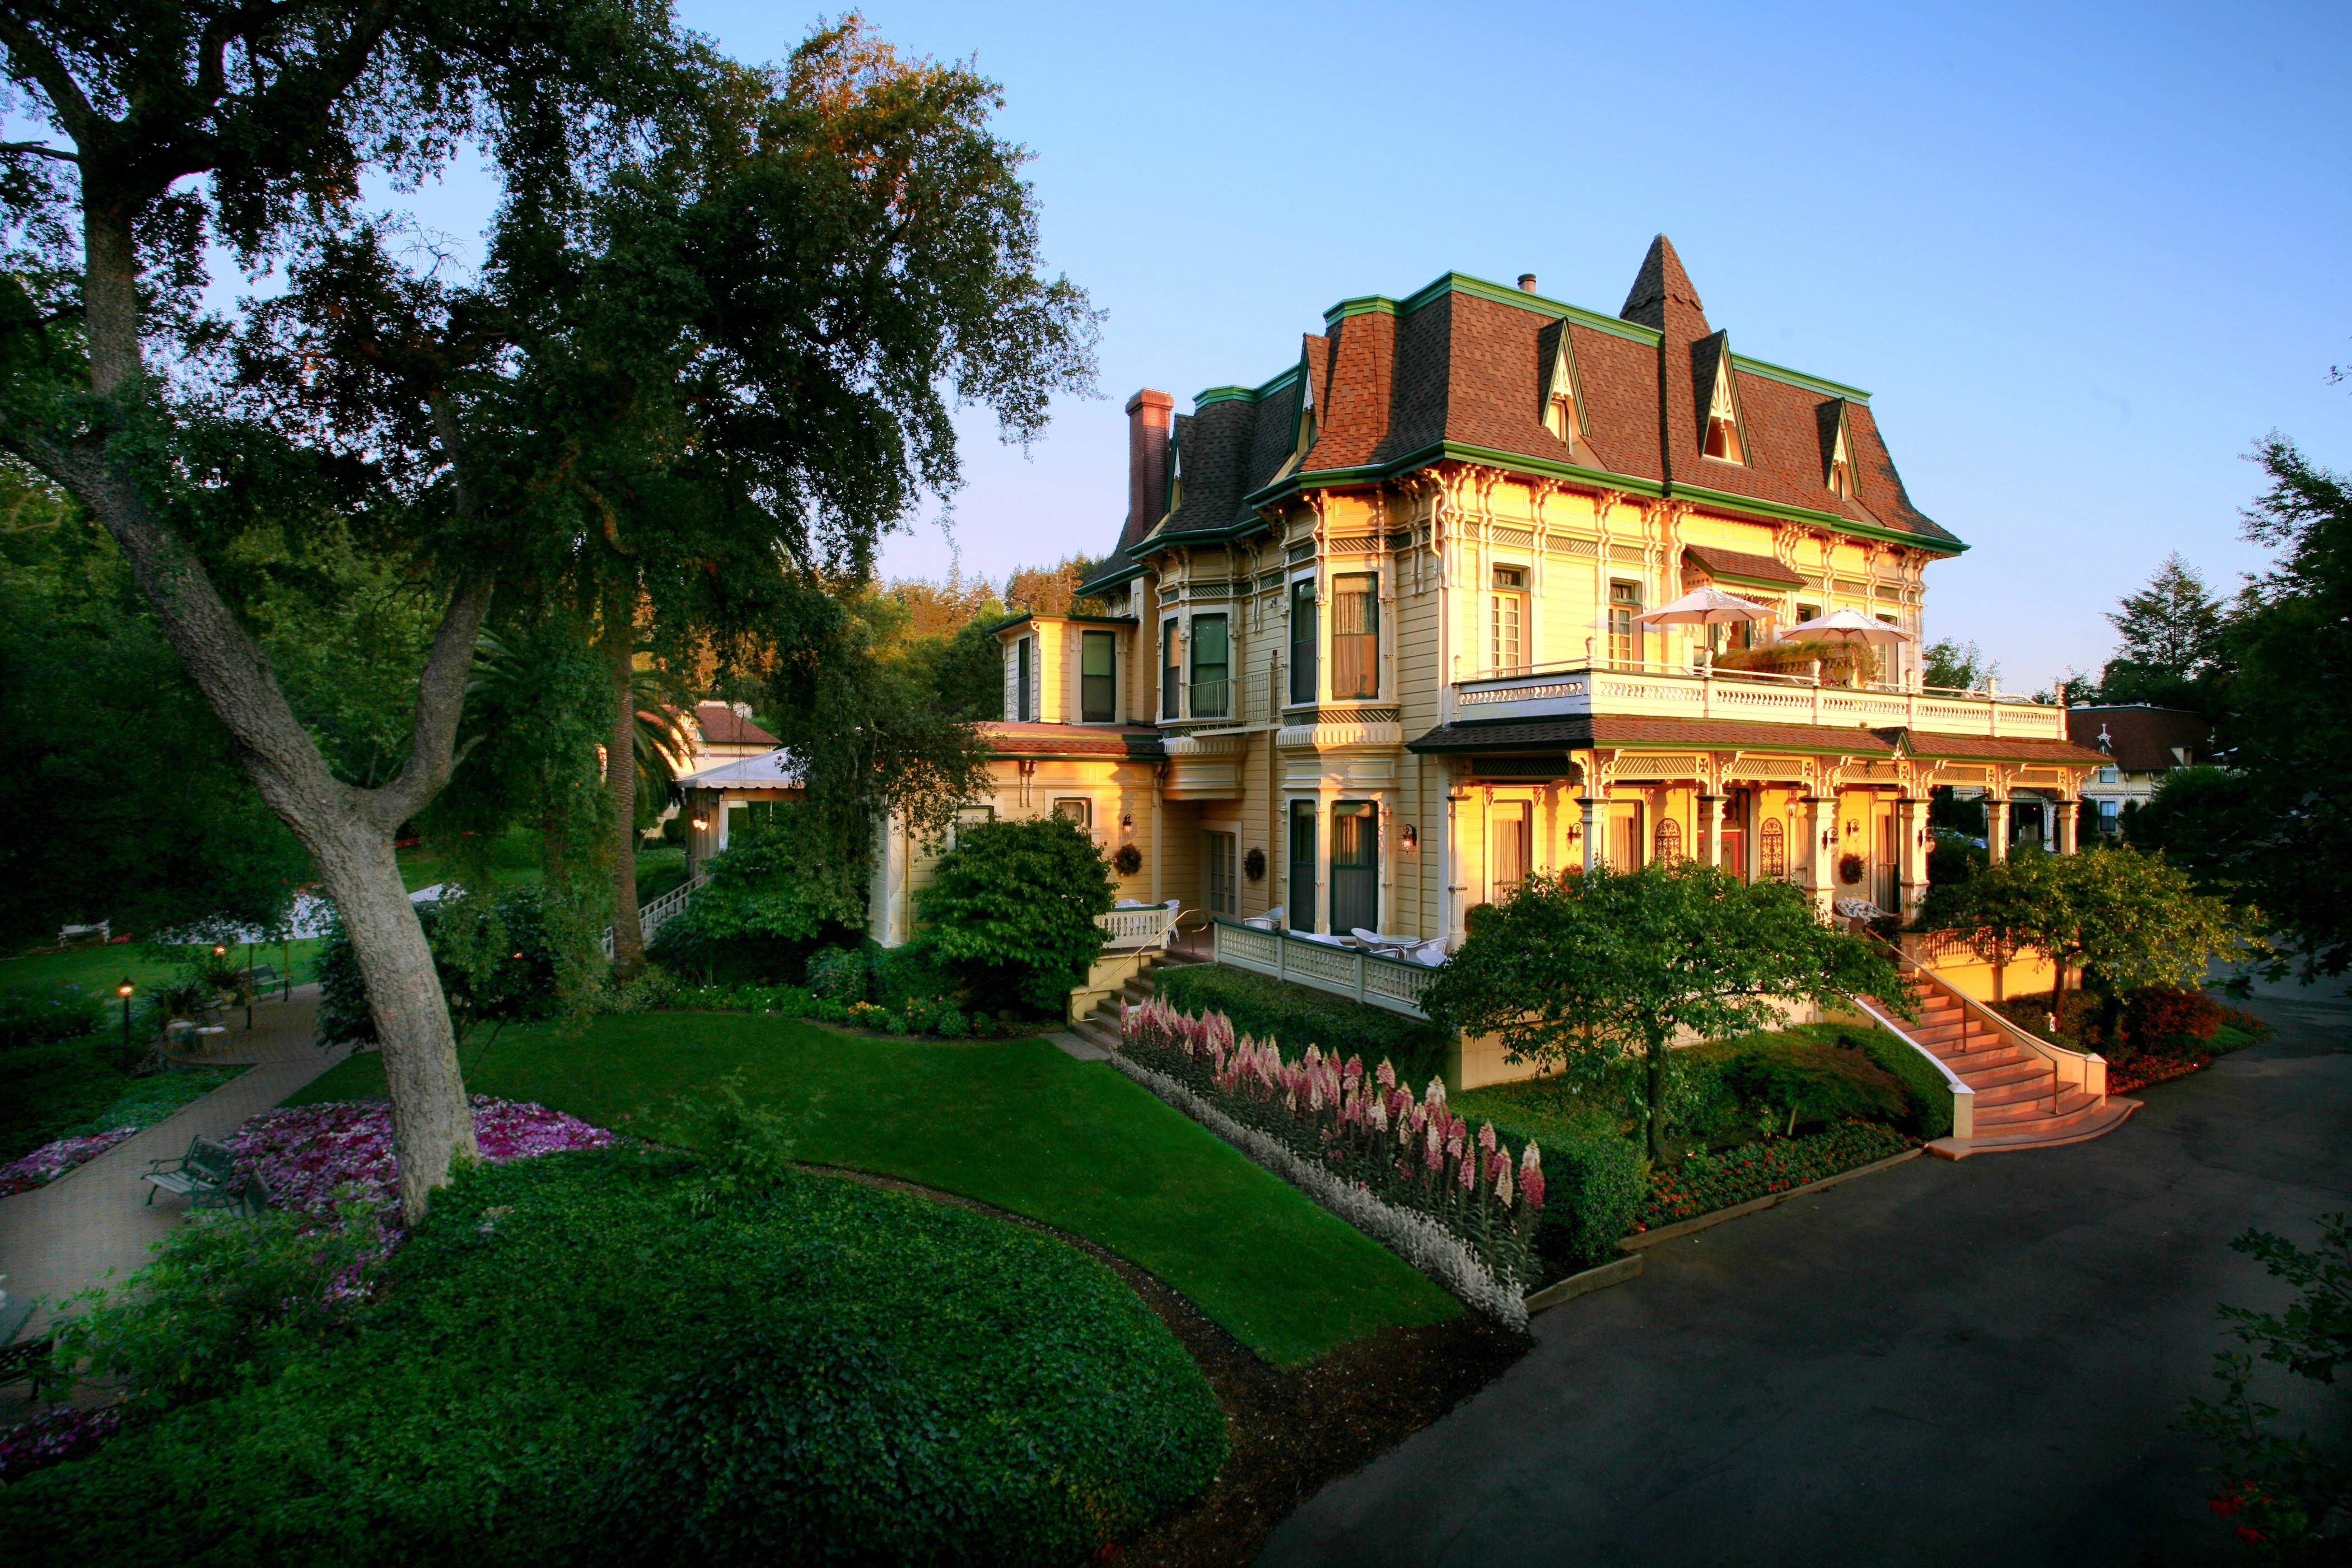 Madrona Manor in Sonoma County, California